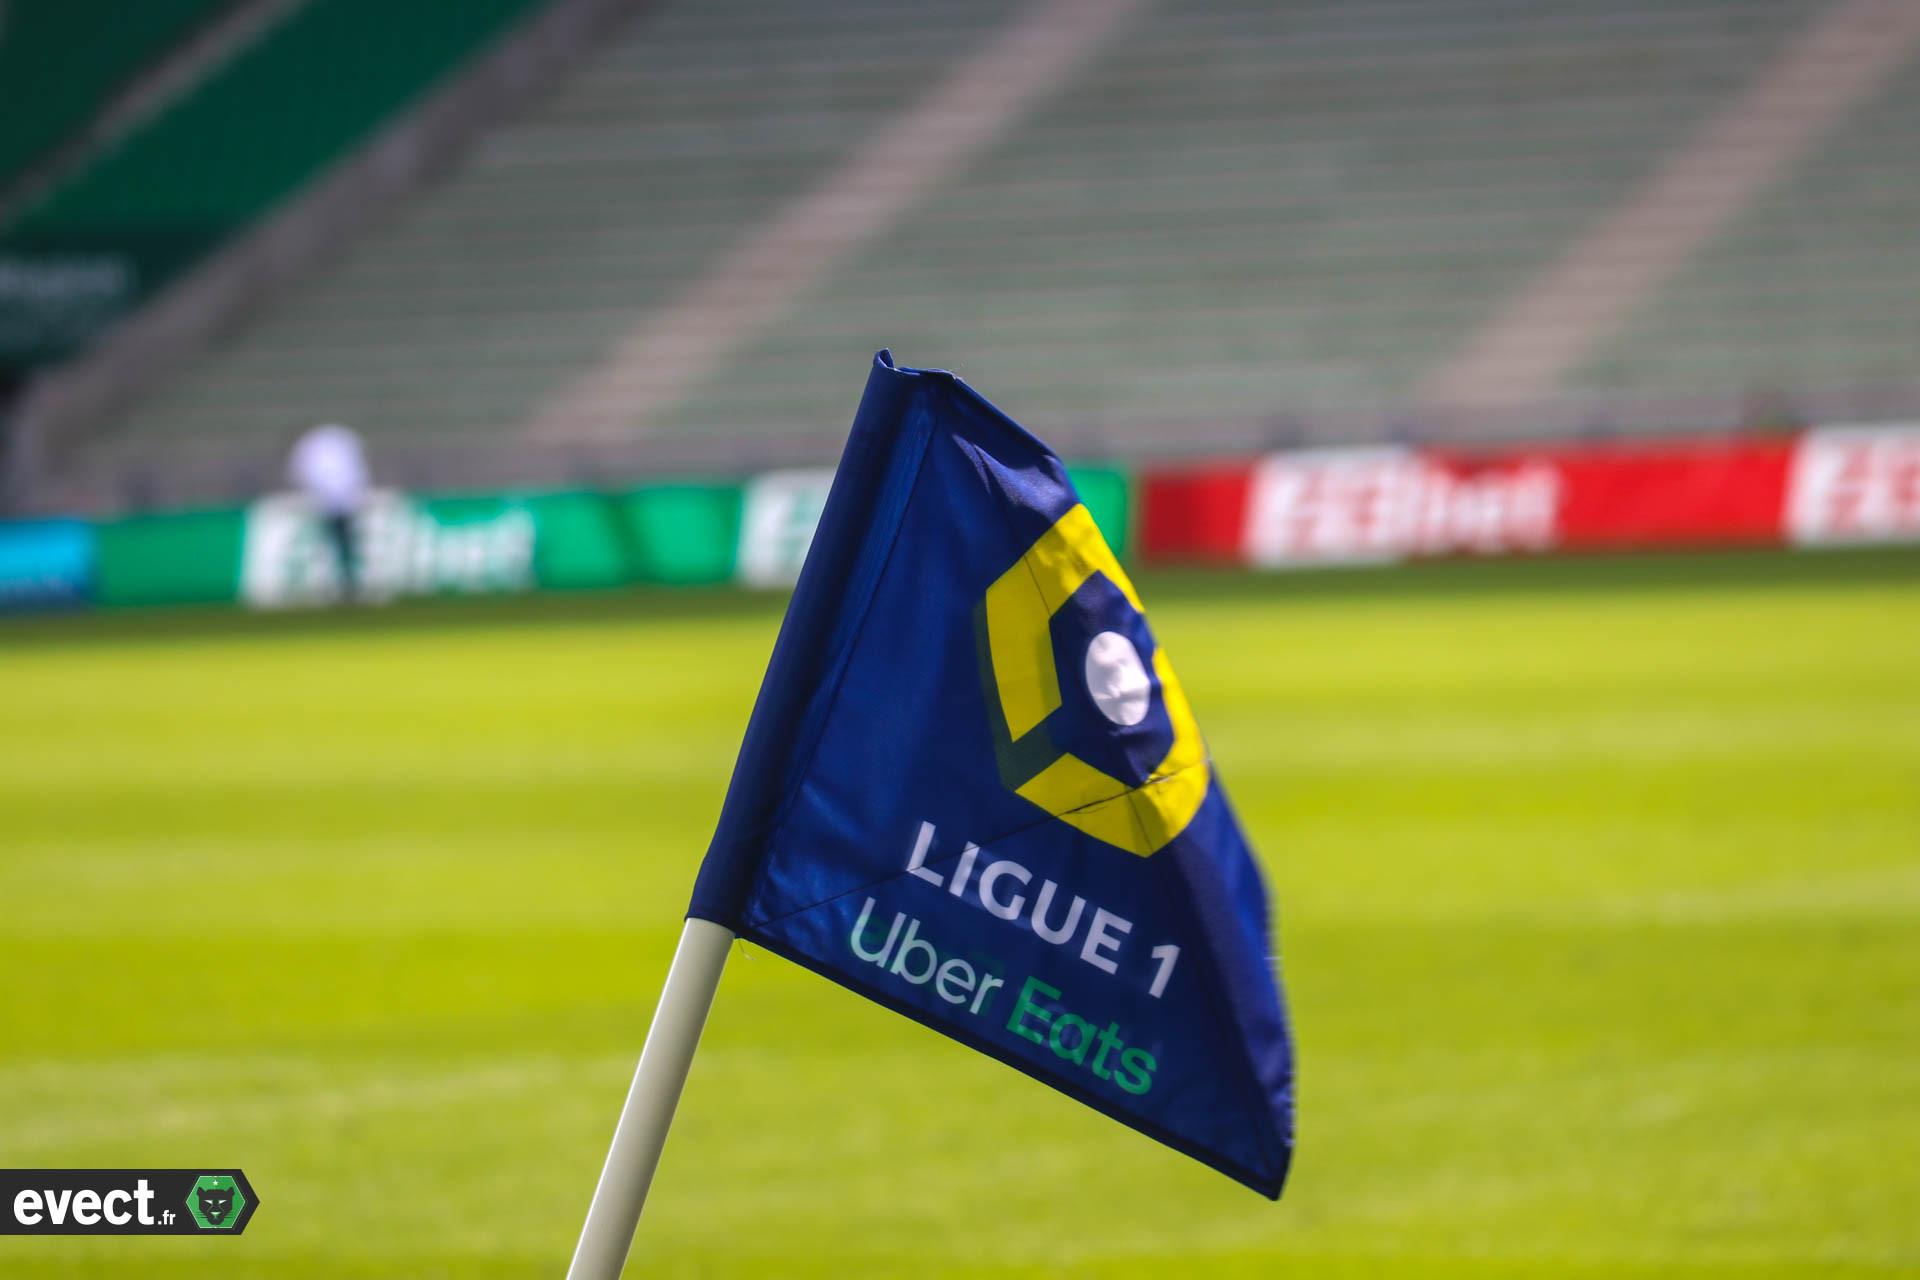 Calendrier Asse 2022 2023 Une Ligue 1 à 18 clubs dès 2022 ?